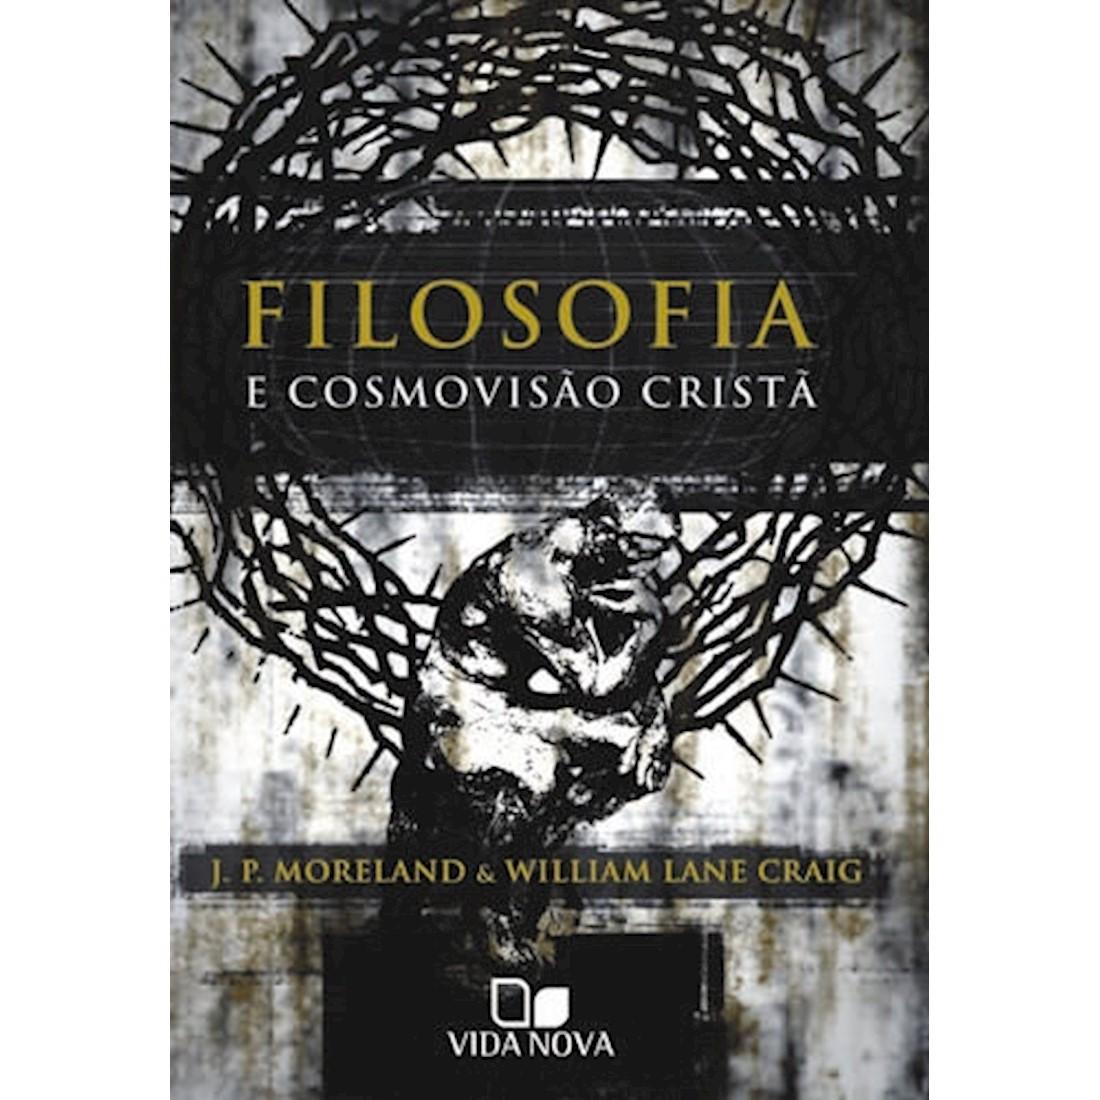 Livro Filosofia e Cosmovisão Cristã